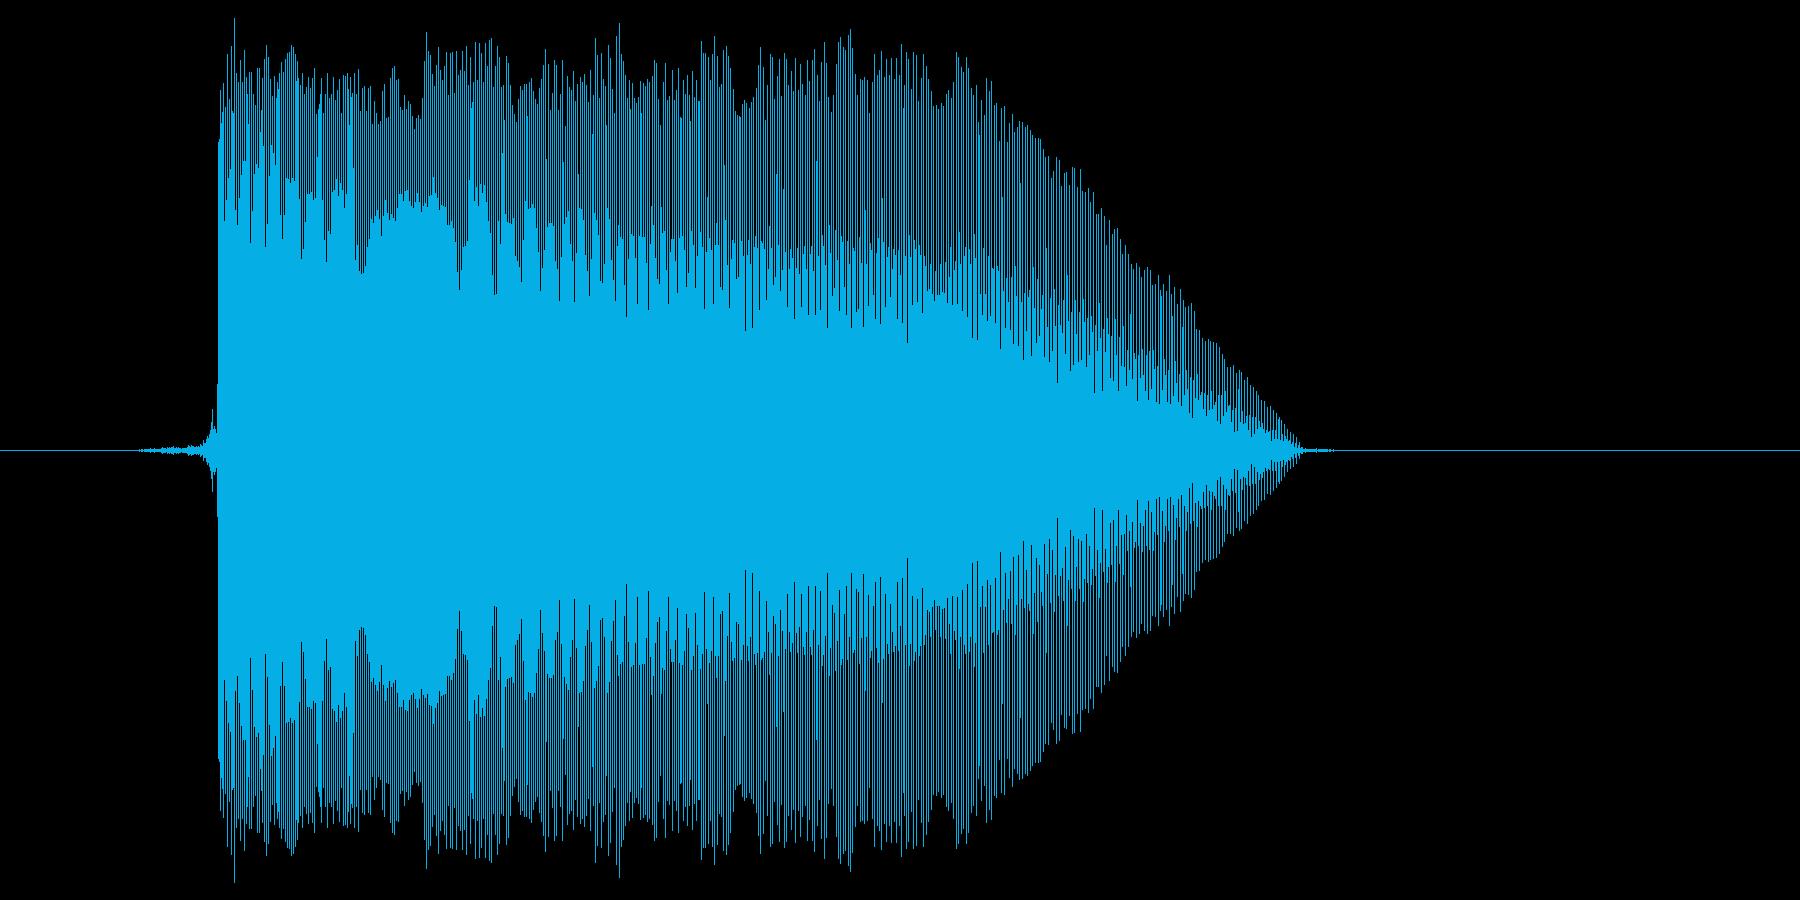 ゲーム(ファミコン風)レーザー音_046の再生済みの波形